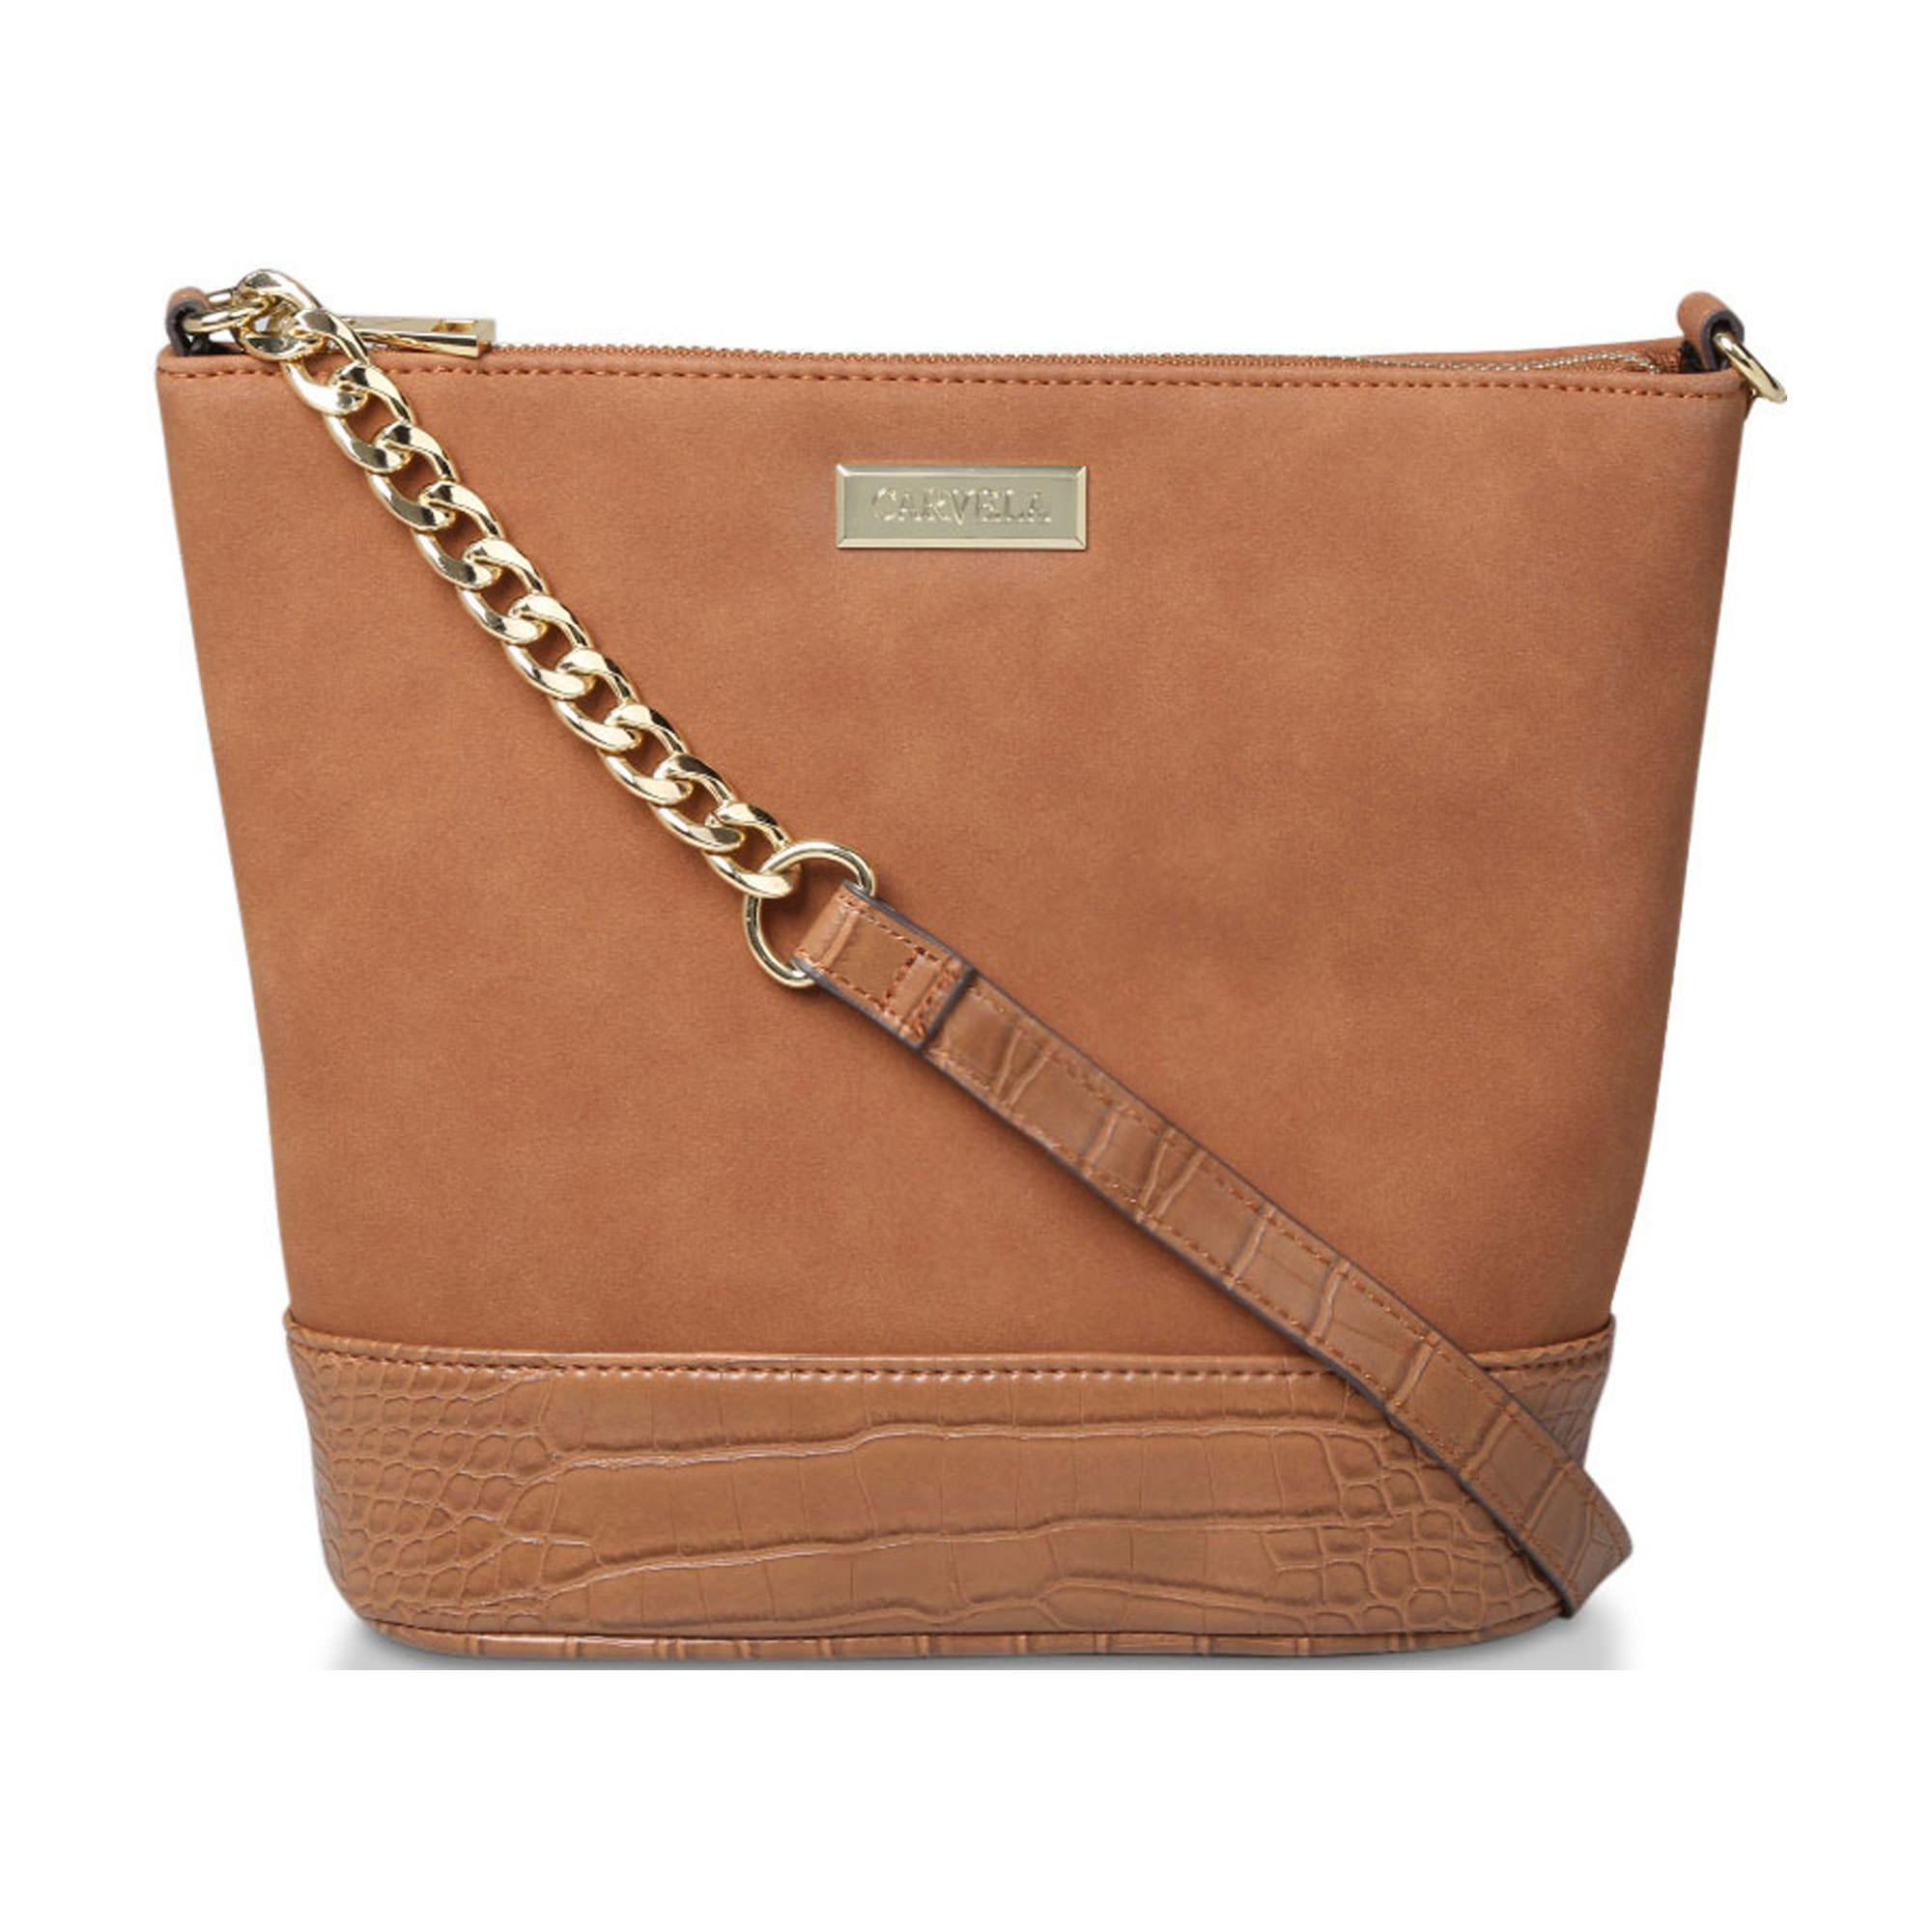 58003592833979BROWN: Rich Zip Top Chain Bucket Bag